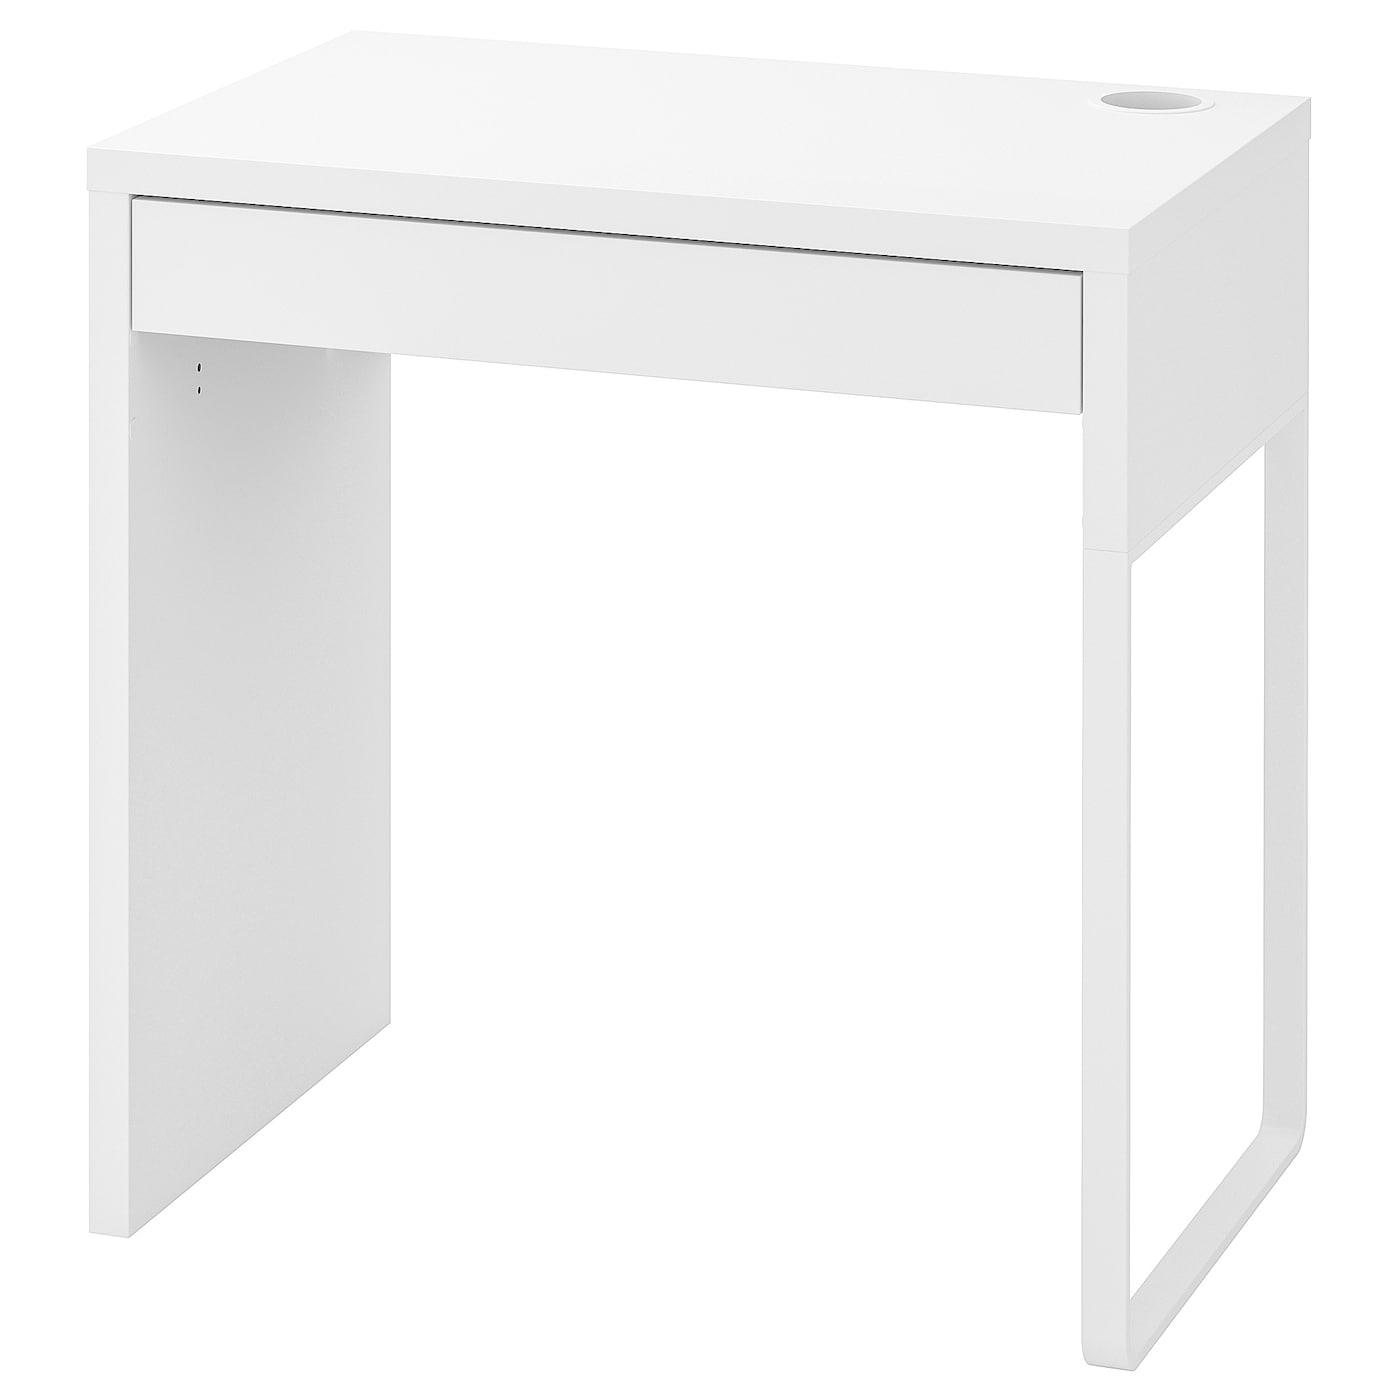 dimensioni: 73 x 50 cm colore: bianco Scrivania IKEA MICKE